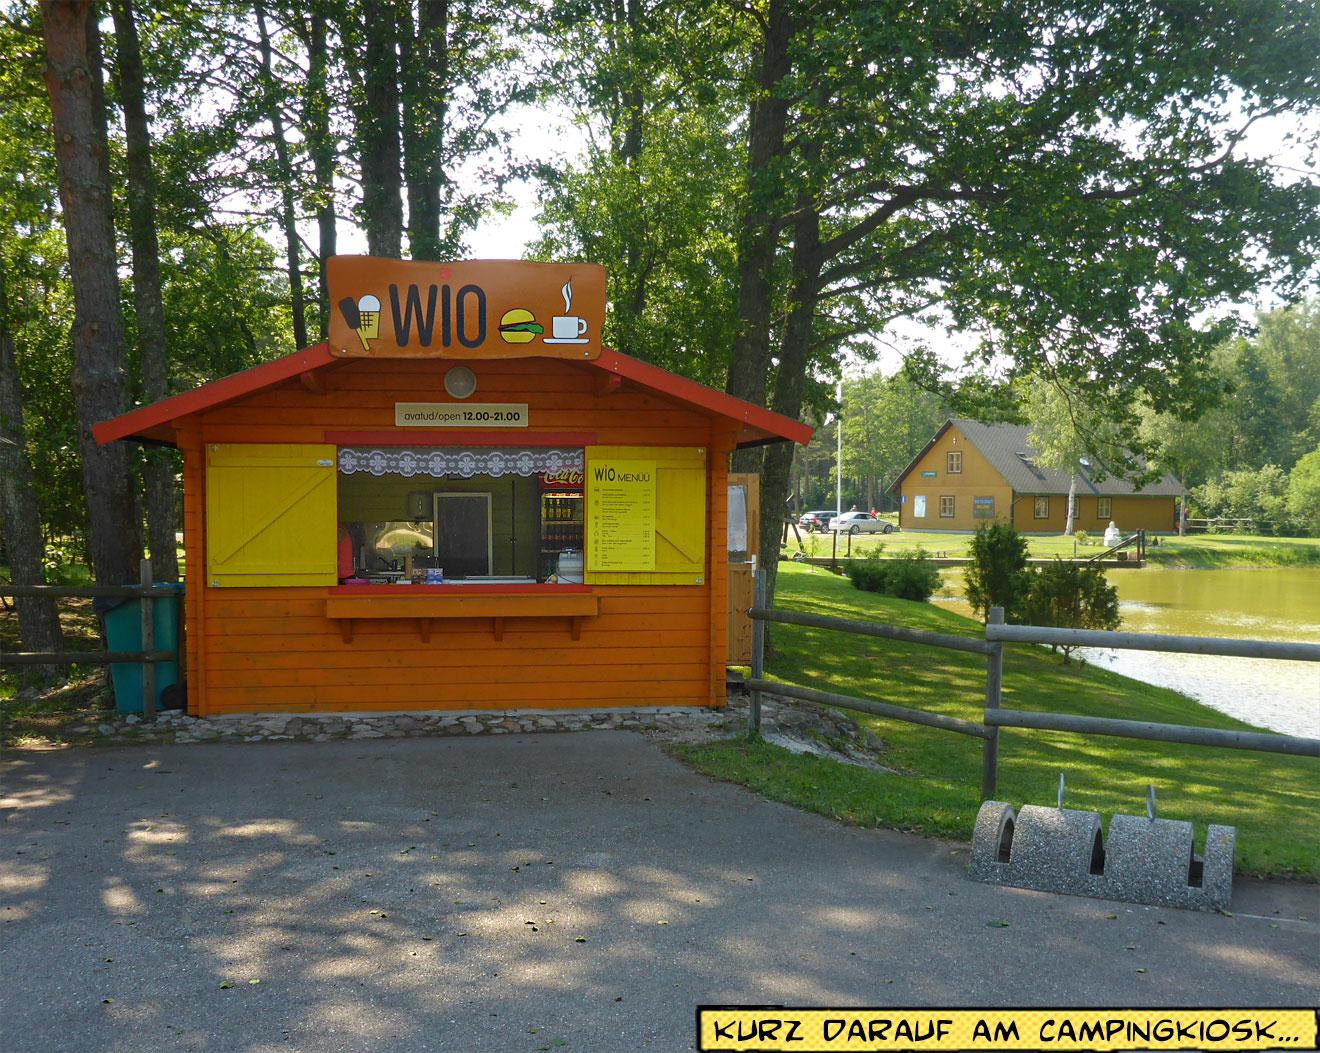 Kiosk WIO Saaremaa Camp Tehomardi